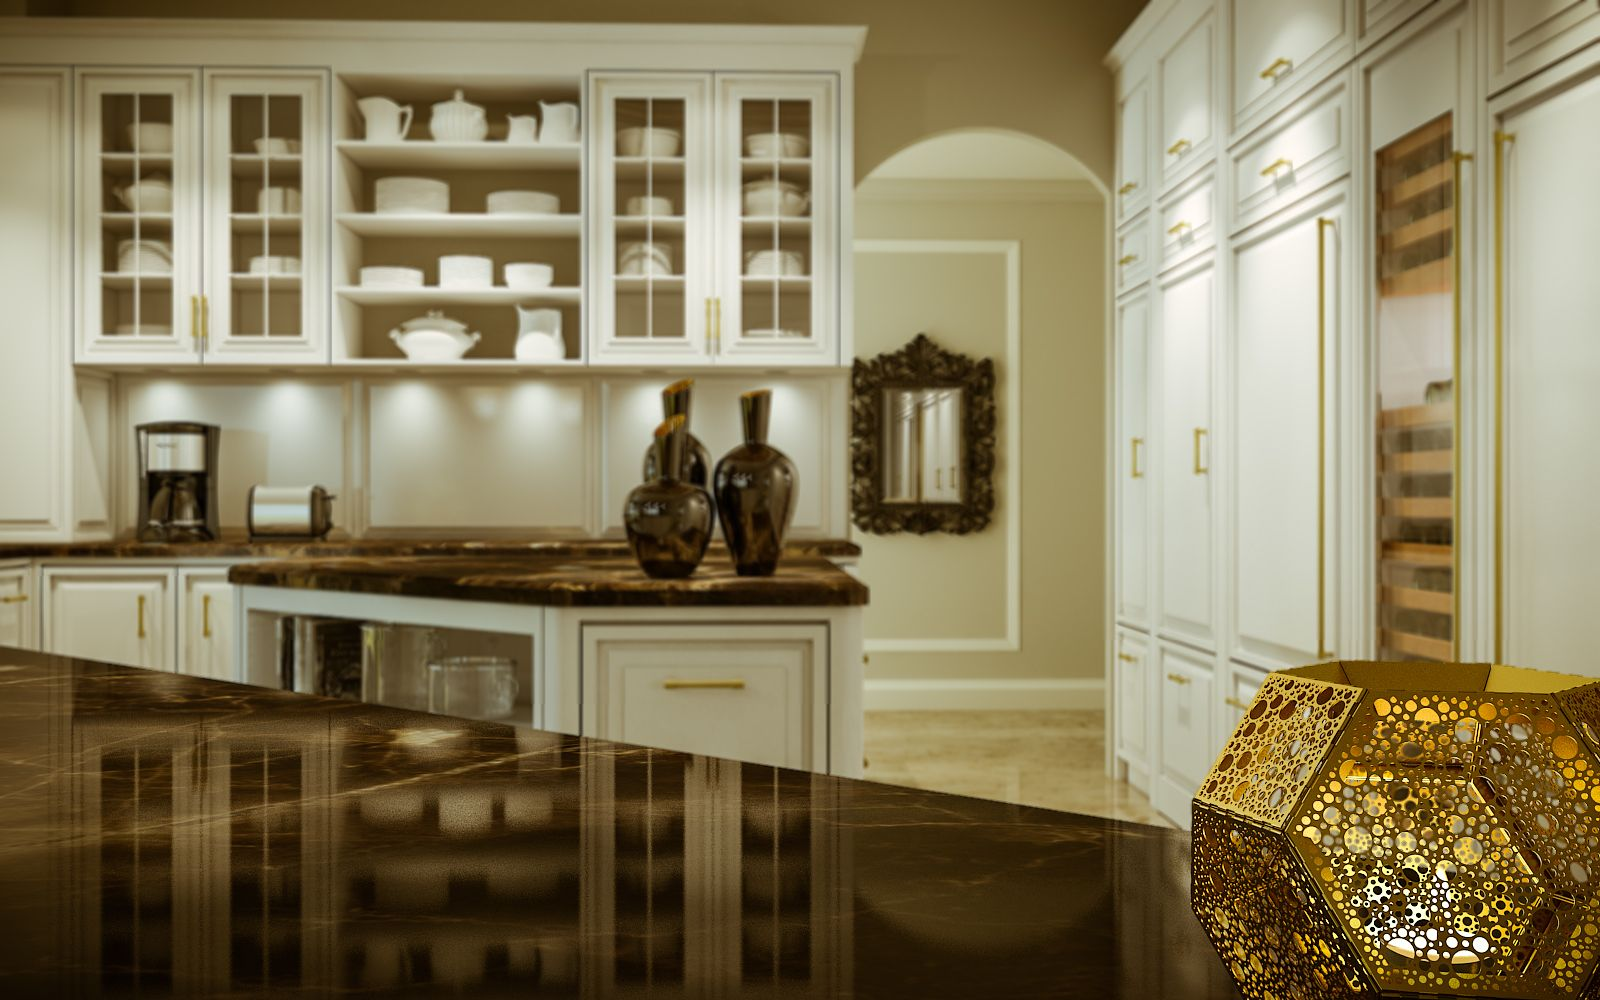 Family Home Kitchen - NY 297